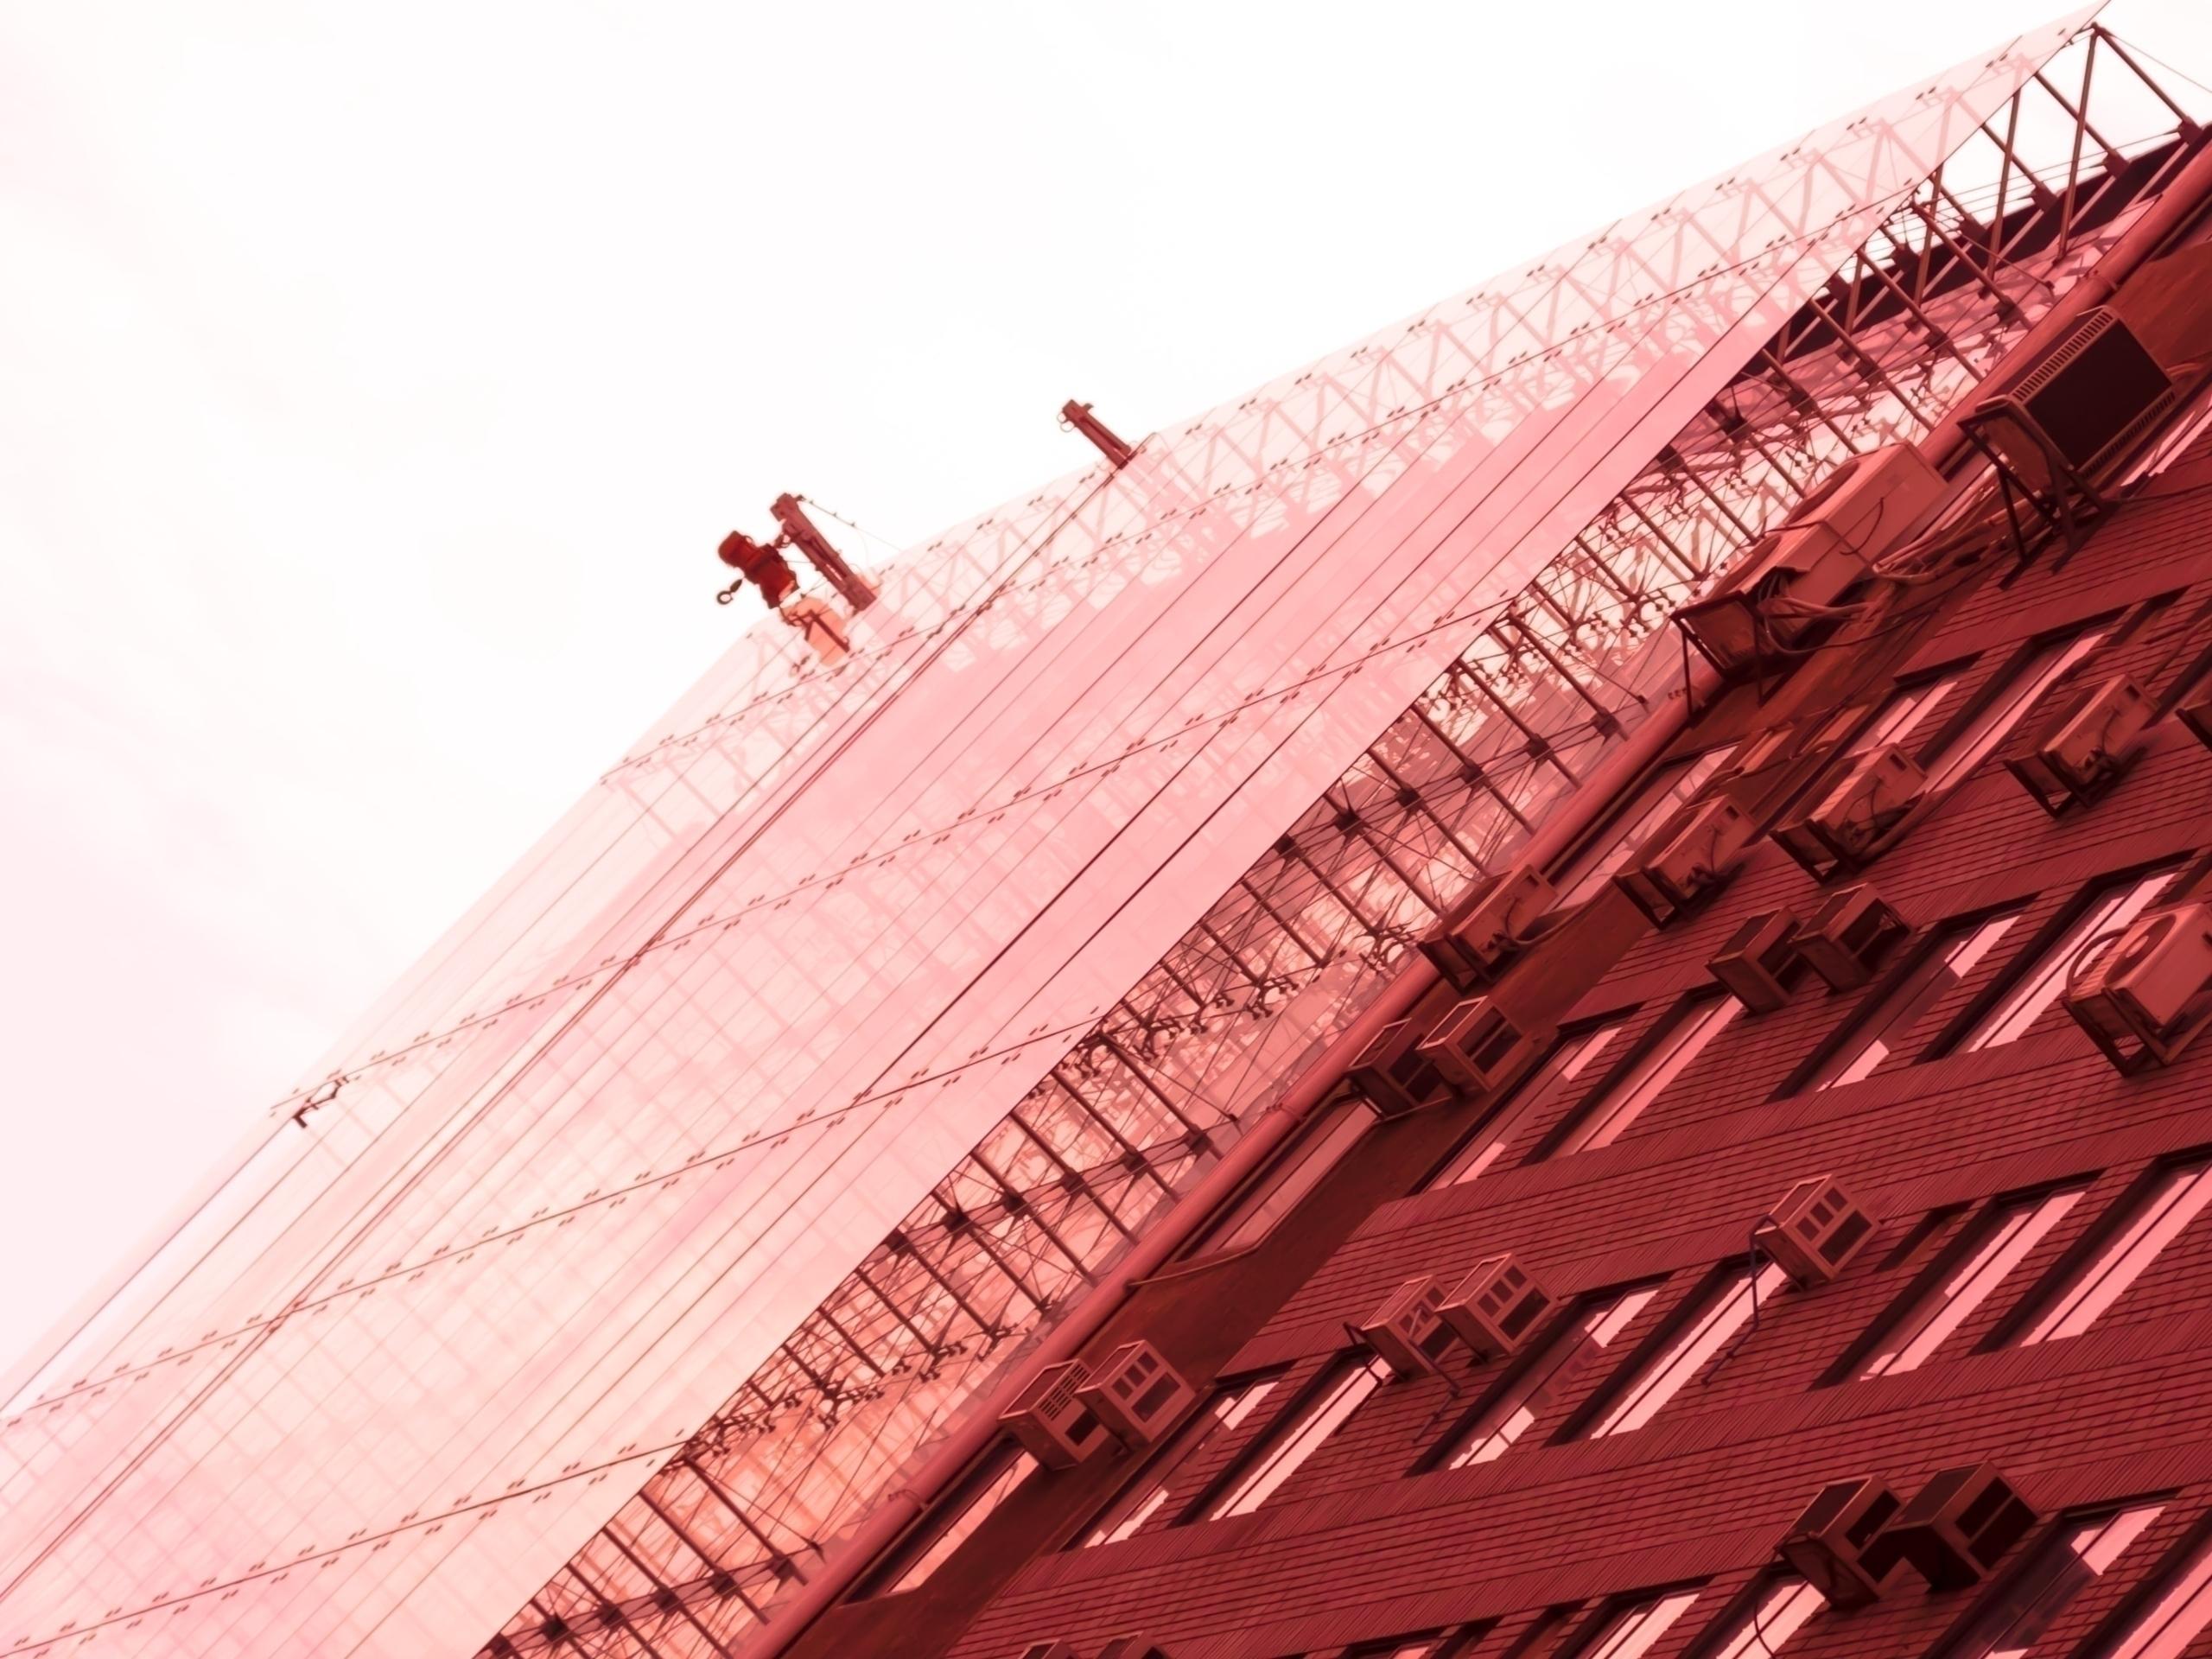 Downtownwerk - santiago, chile, urbanscape - lchloe   ello